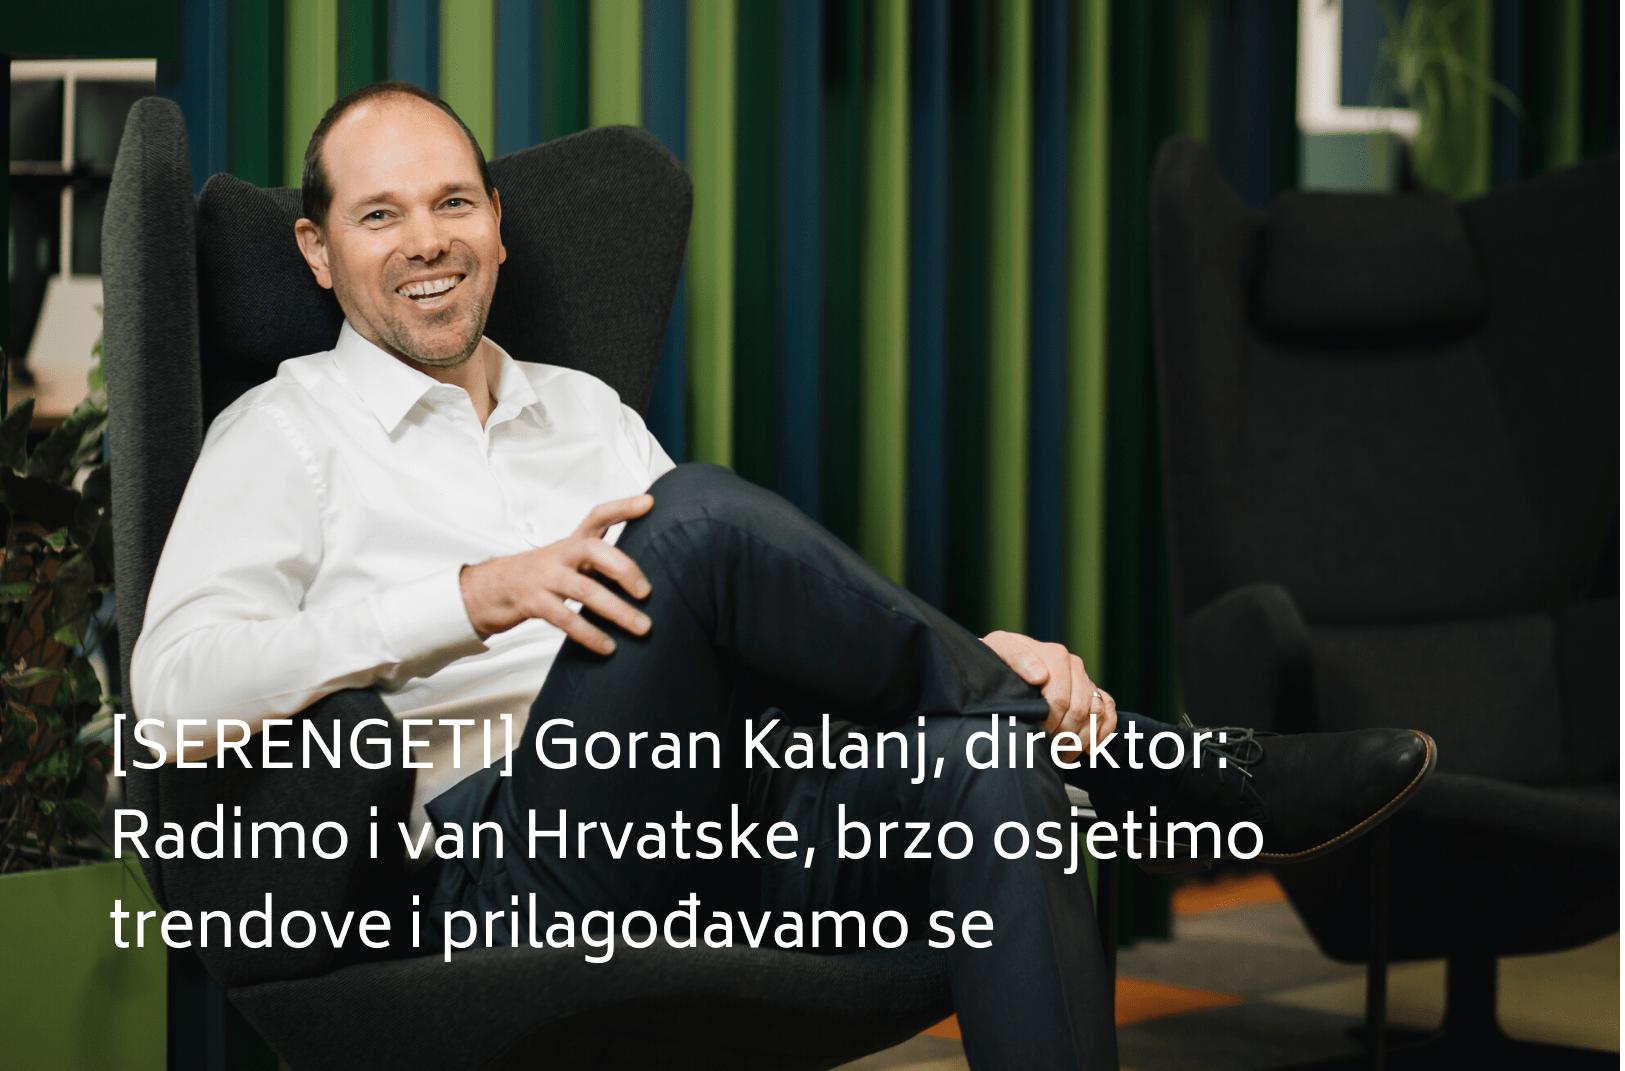 [SERENGETI] Goran Kalanj, direktor: Radimo i van Hrvatske, brzo osjetimo trendove i prilagođavamo se